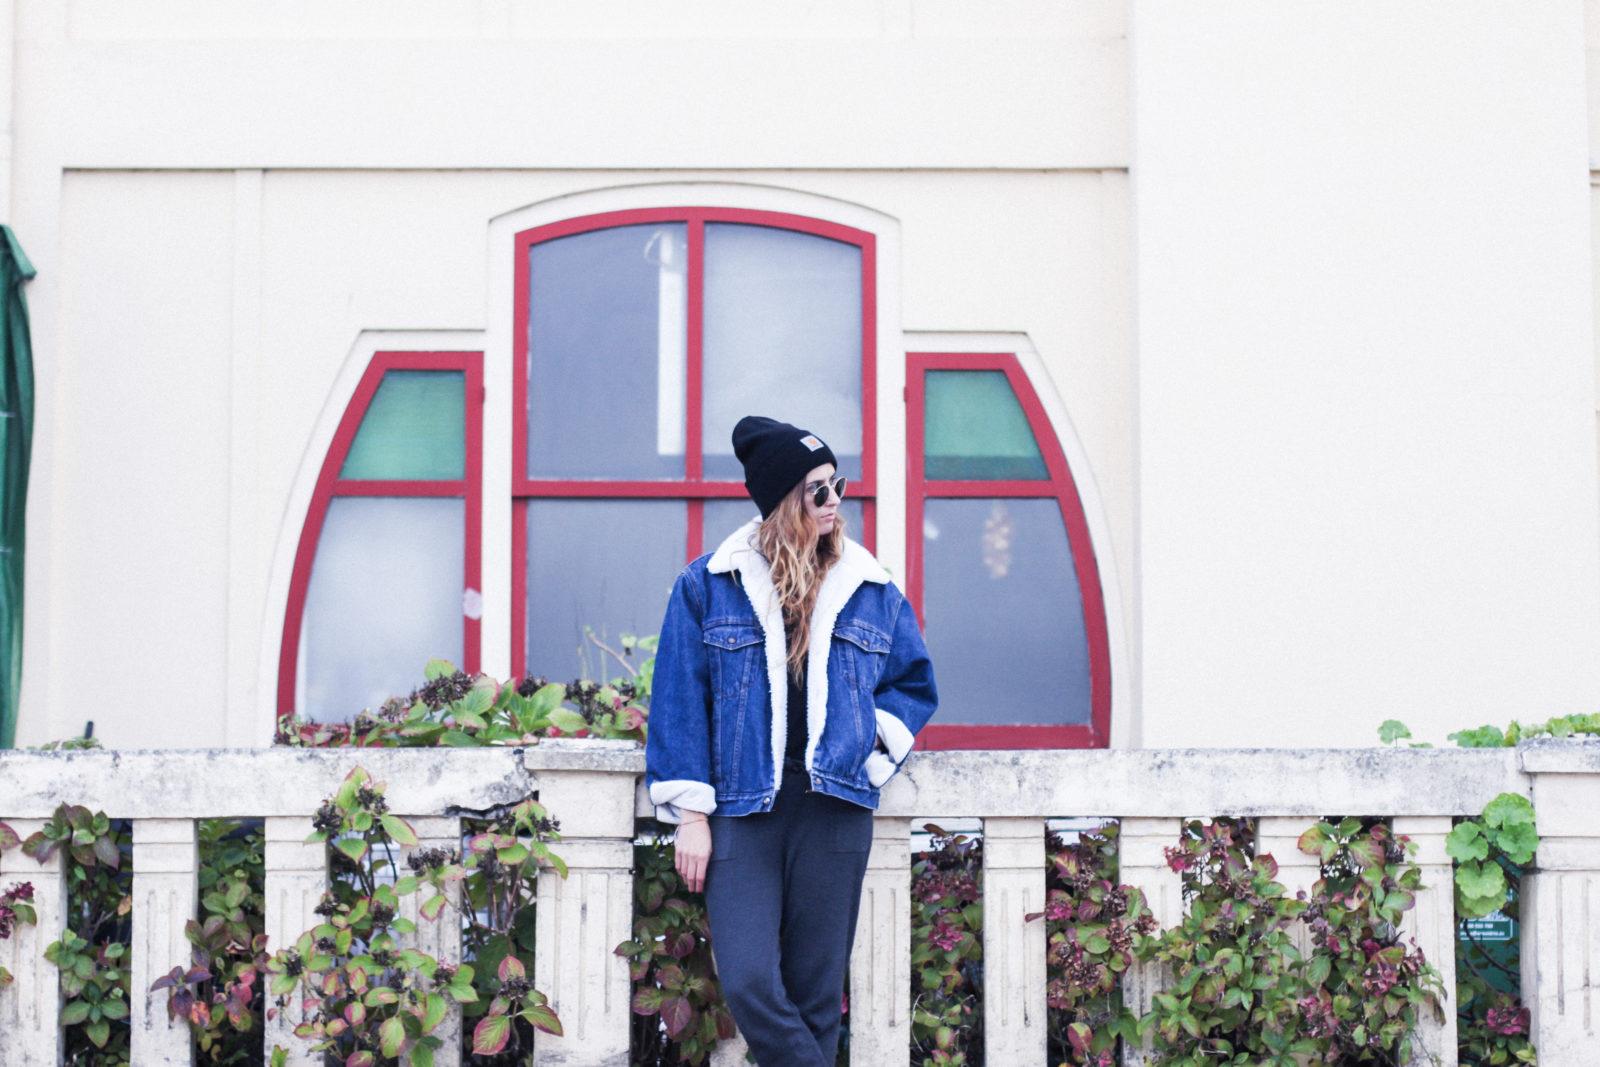 cazadora_vaquera_de_borreguillo_levis_vintage_golden_goose_gorrito_beanie_tendencias_2016_fall_trends_street_style_choker_donkeycool-18